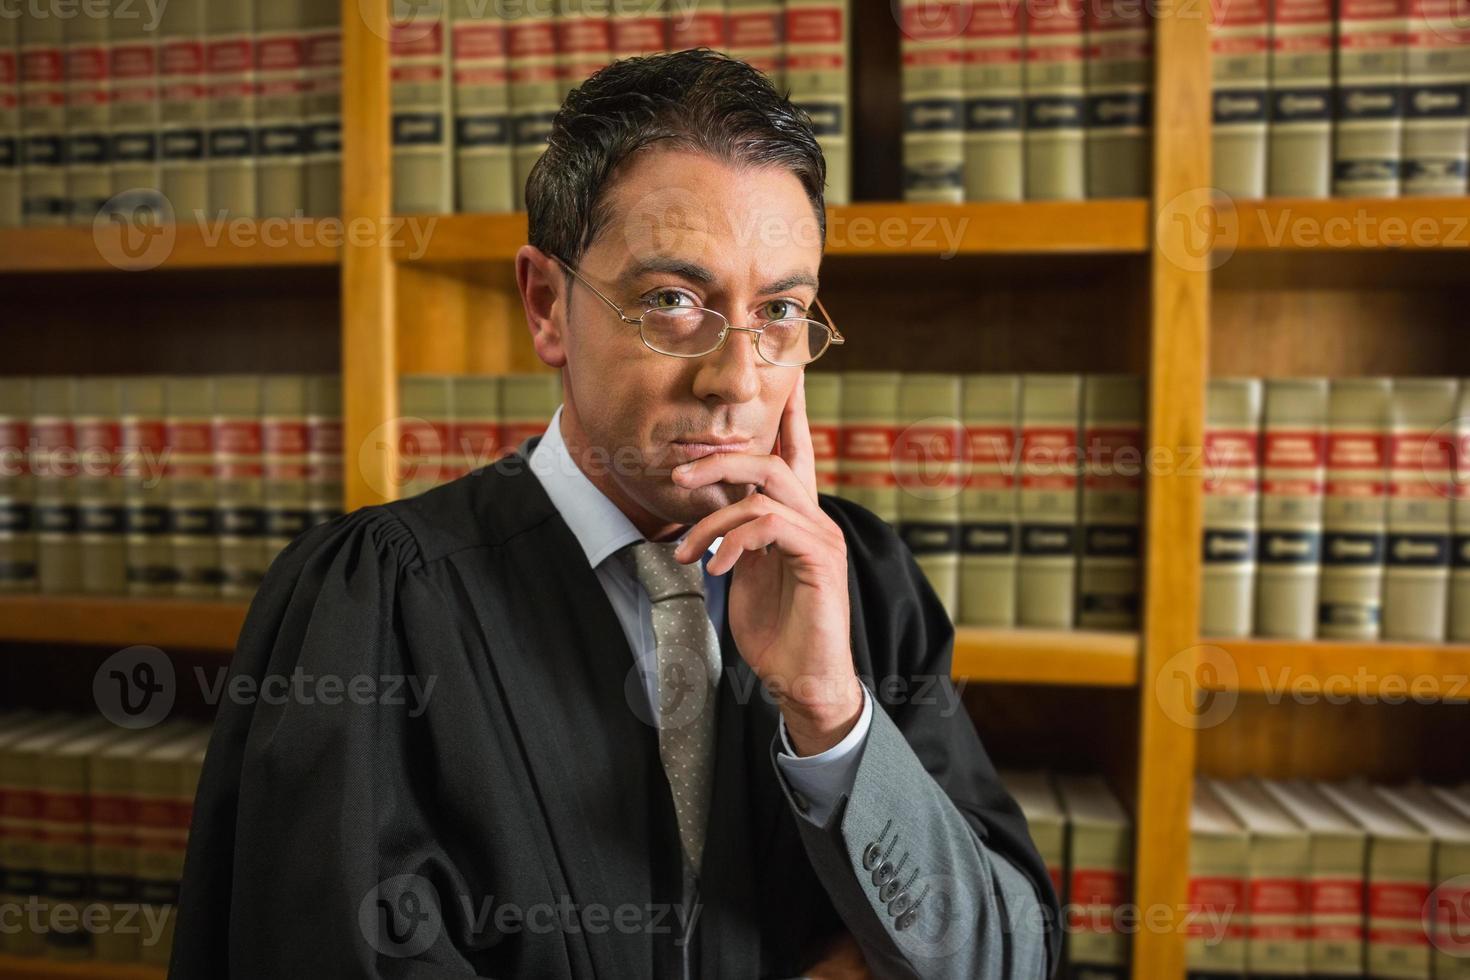 avocat regardant la caméra dans la bibliothèque de droit photo